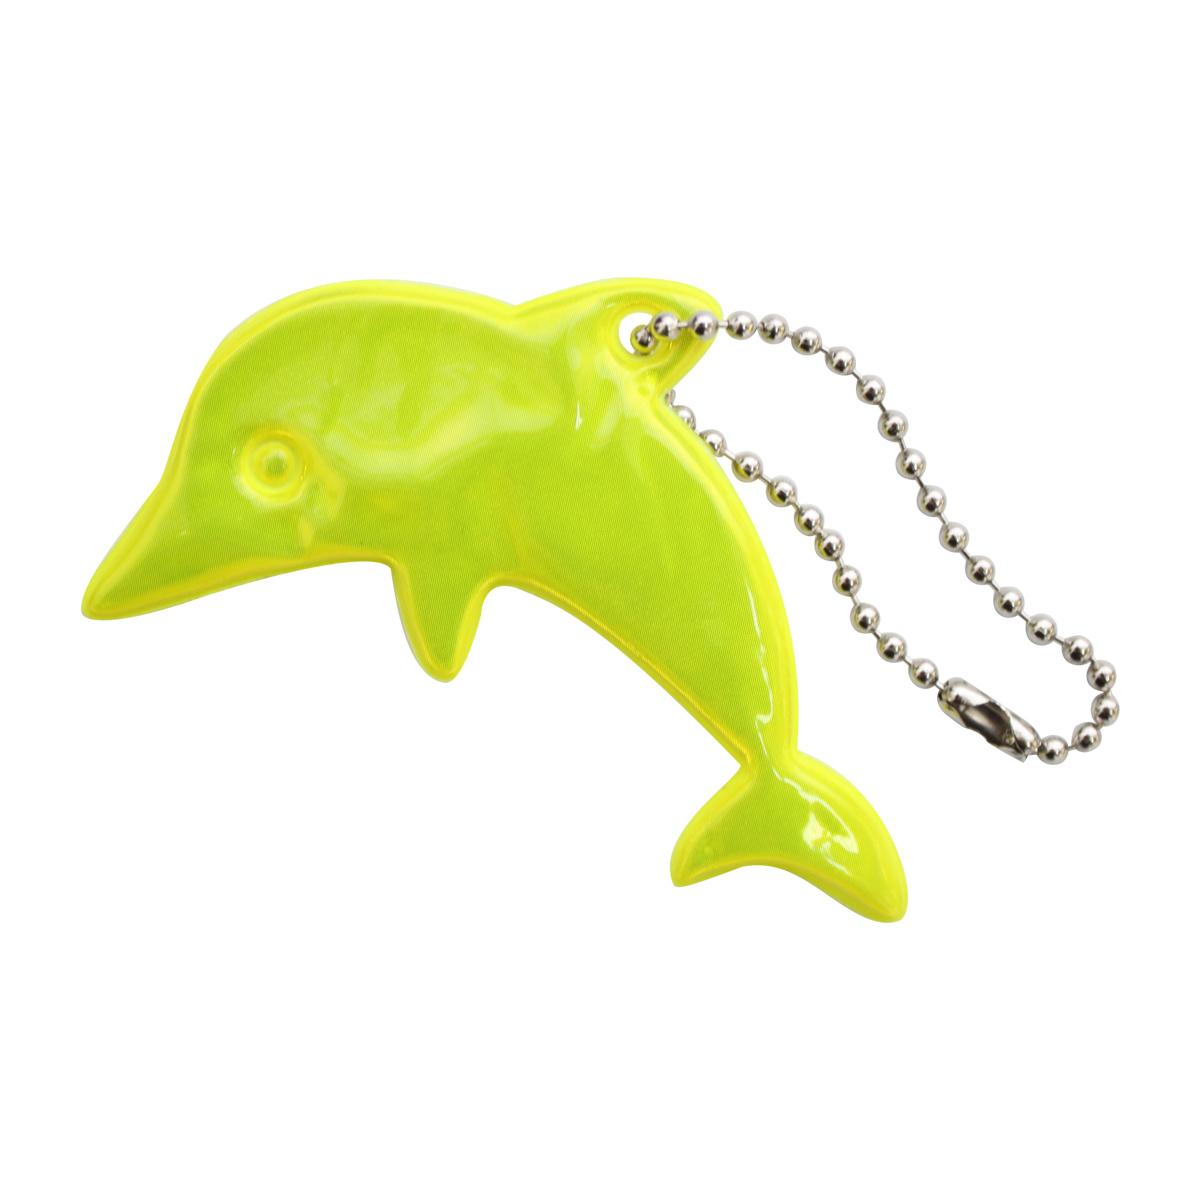 Светоотражающая подвеска 'Дельфин', 7 см, упак./2 шт. (желтый)